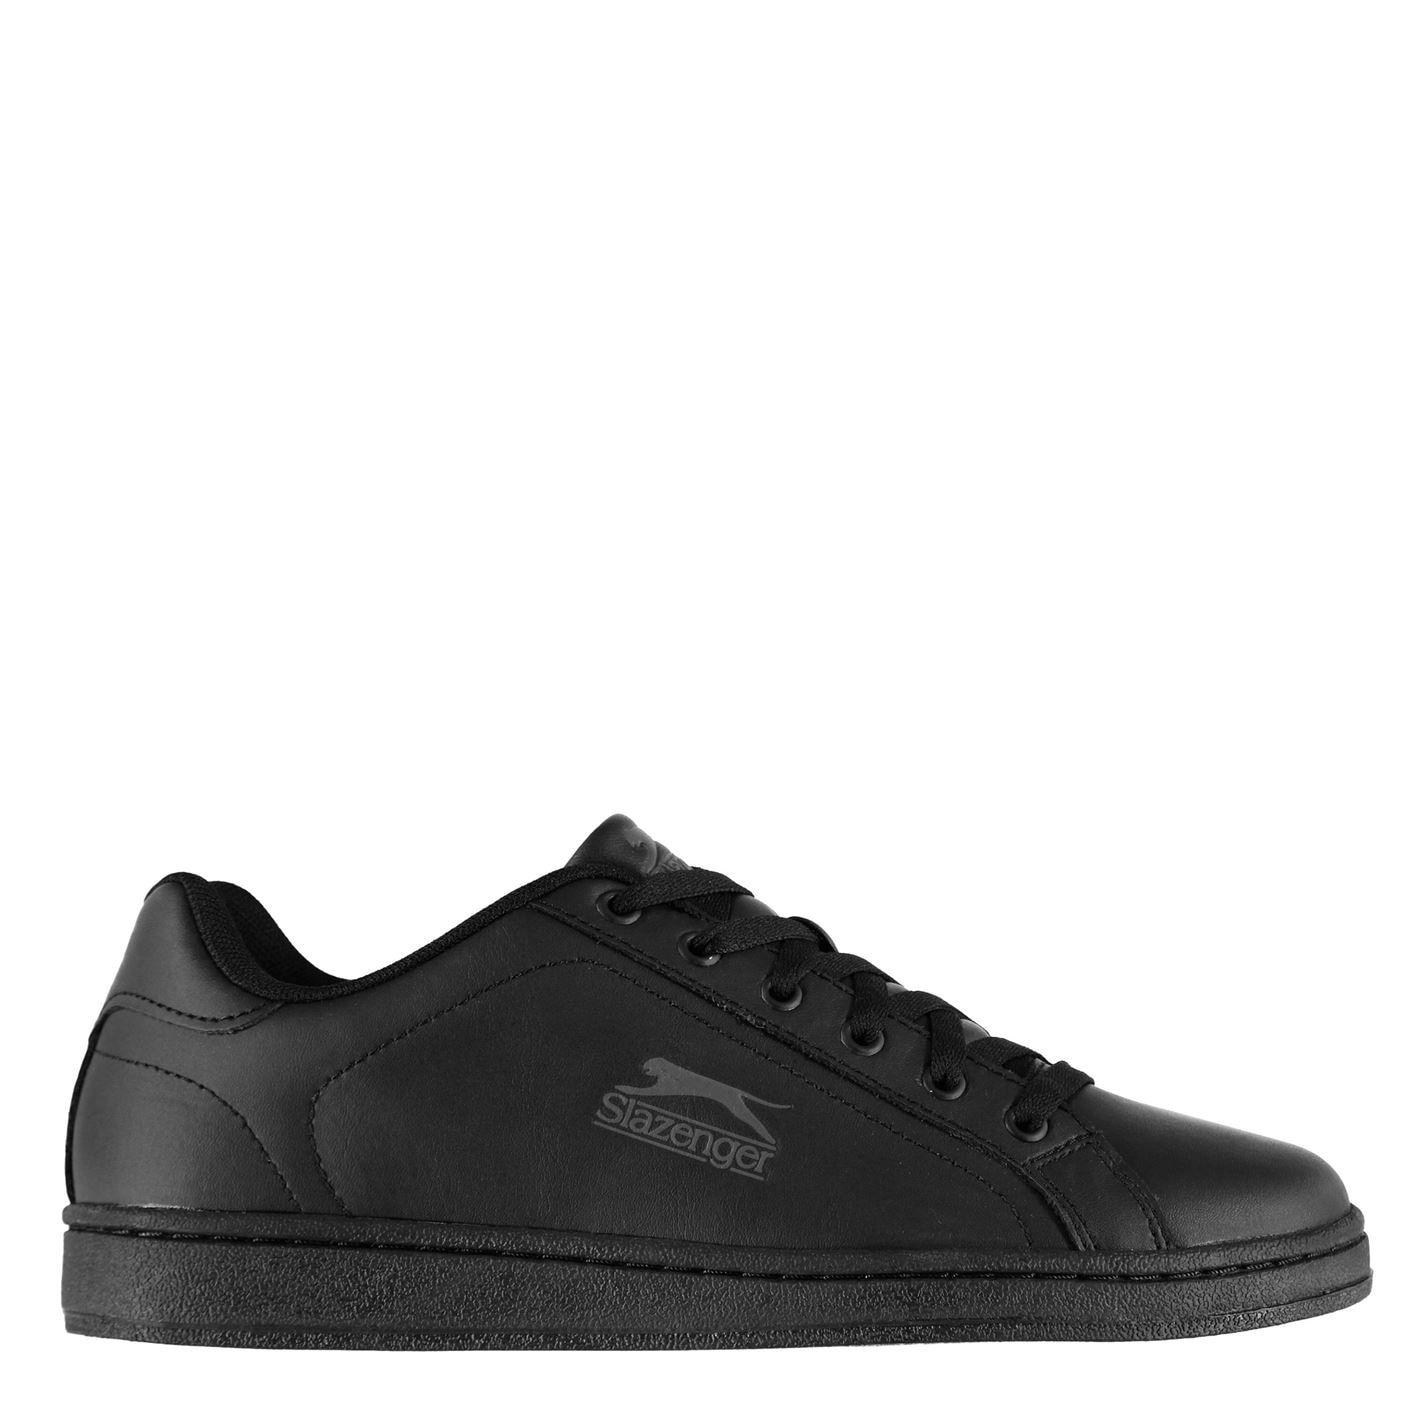 Slazenger Mens Ash Lace Trainers Simplistic Design Sport Casual Shoes